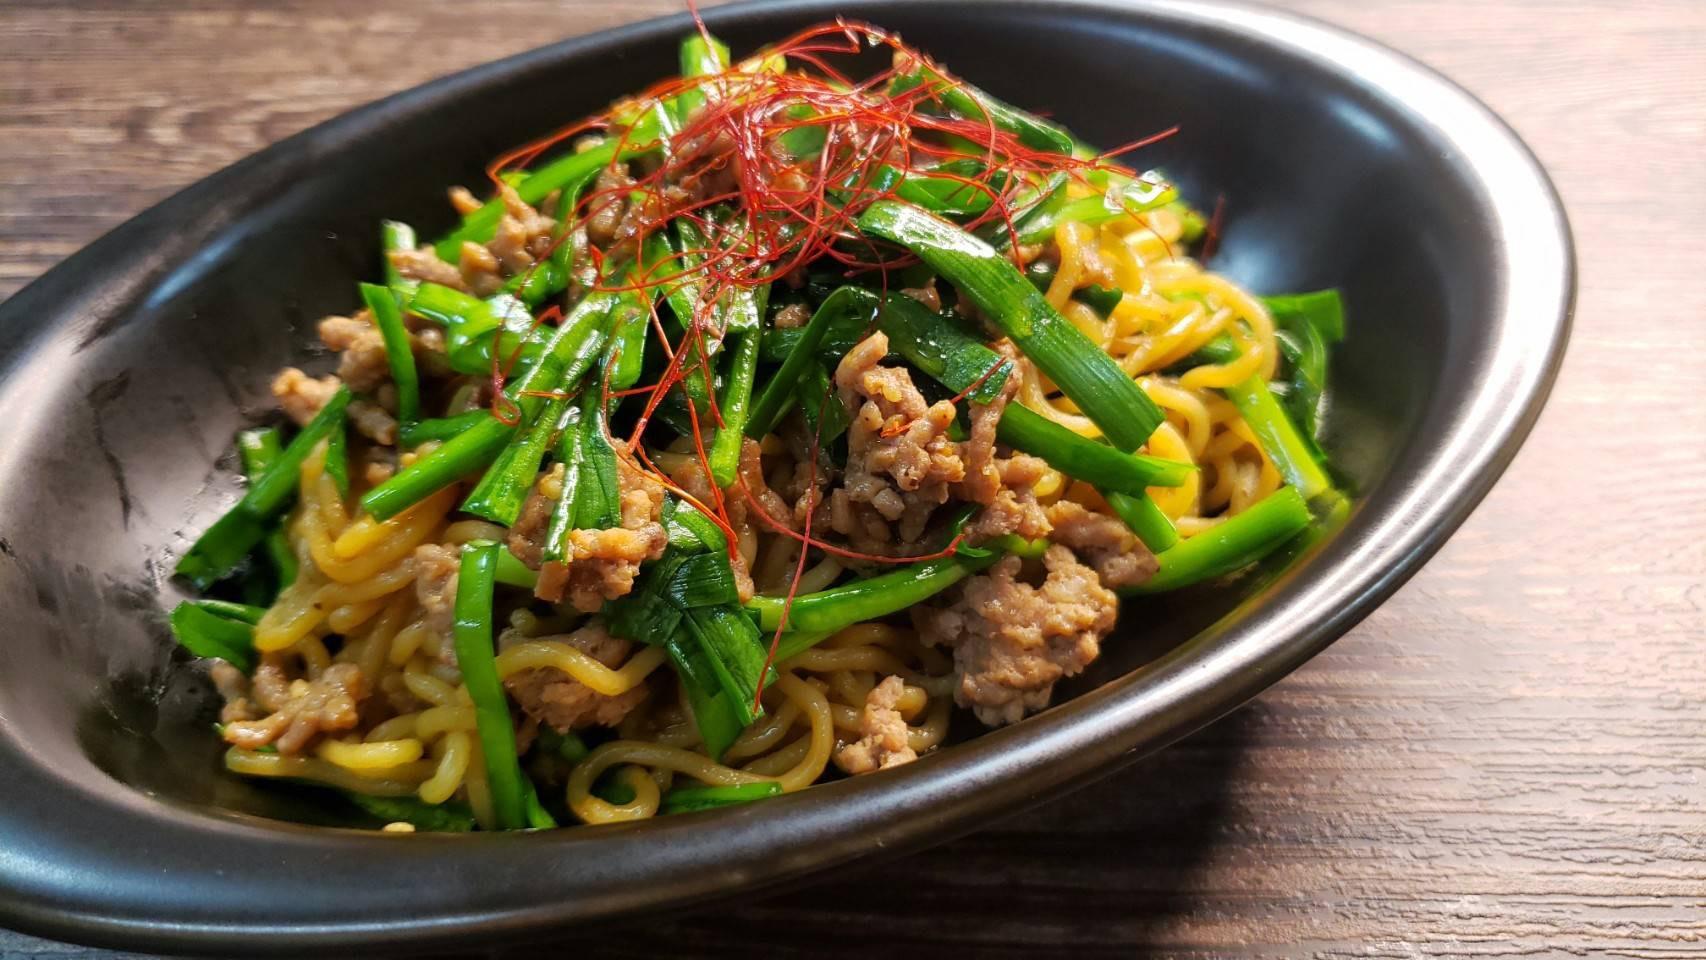 料理のおにいさん・リュウジの爆速レシピ「レンジで台湾風焼きそば」焼き肉のタレでチンするだけで超旨い